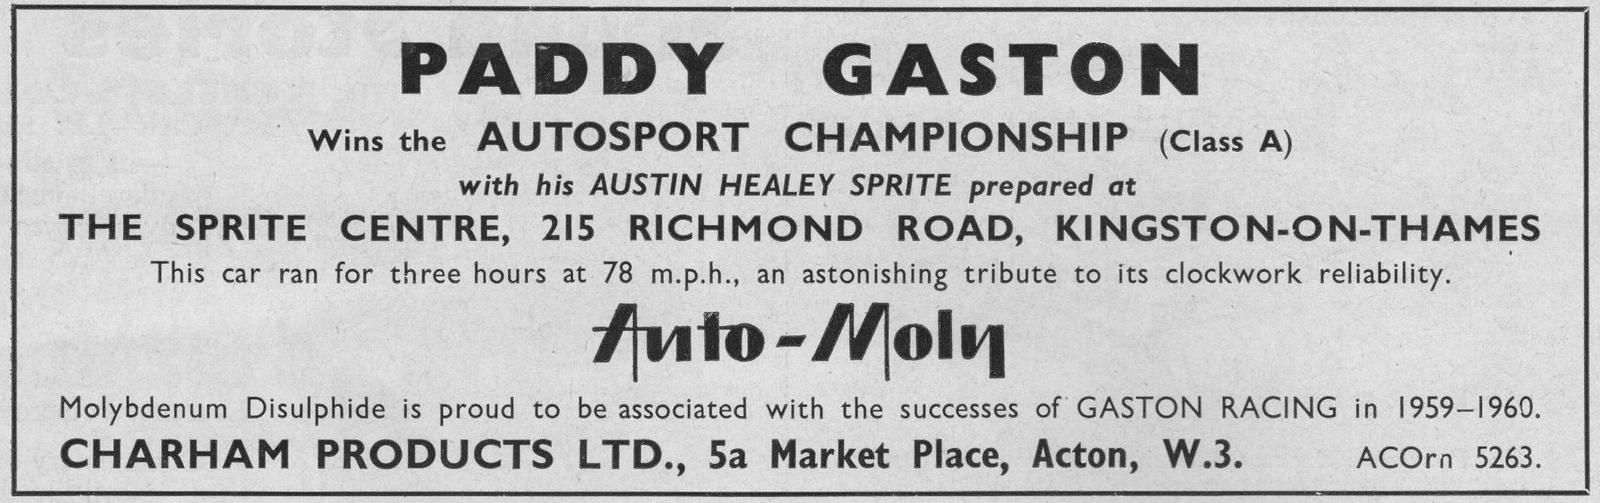 Paddy Gaston Sprite Center 3